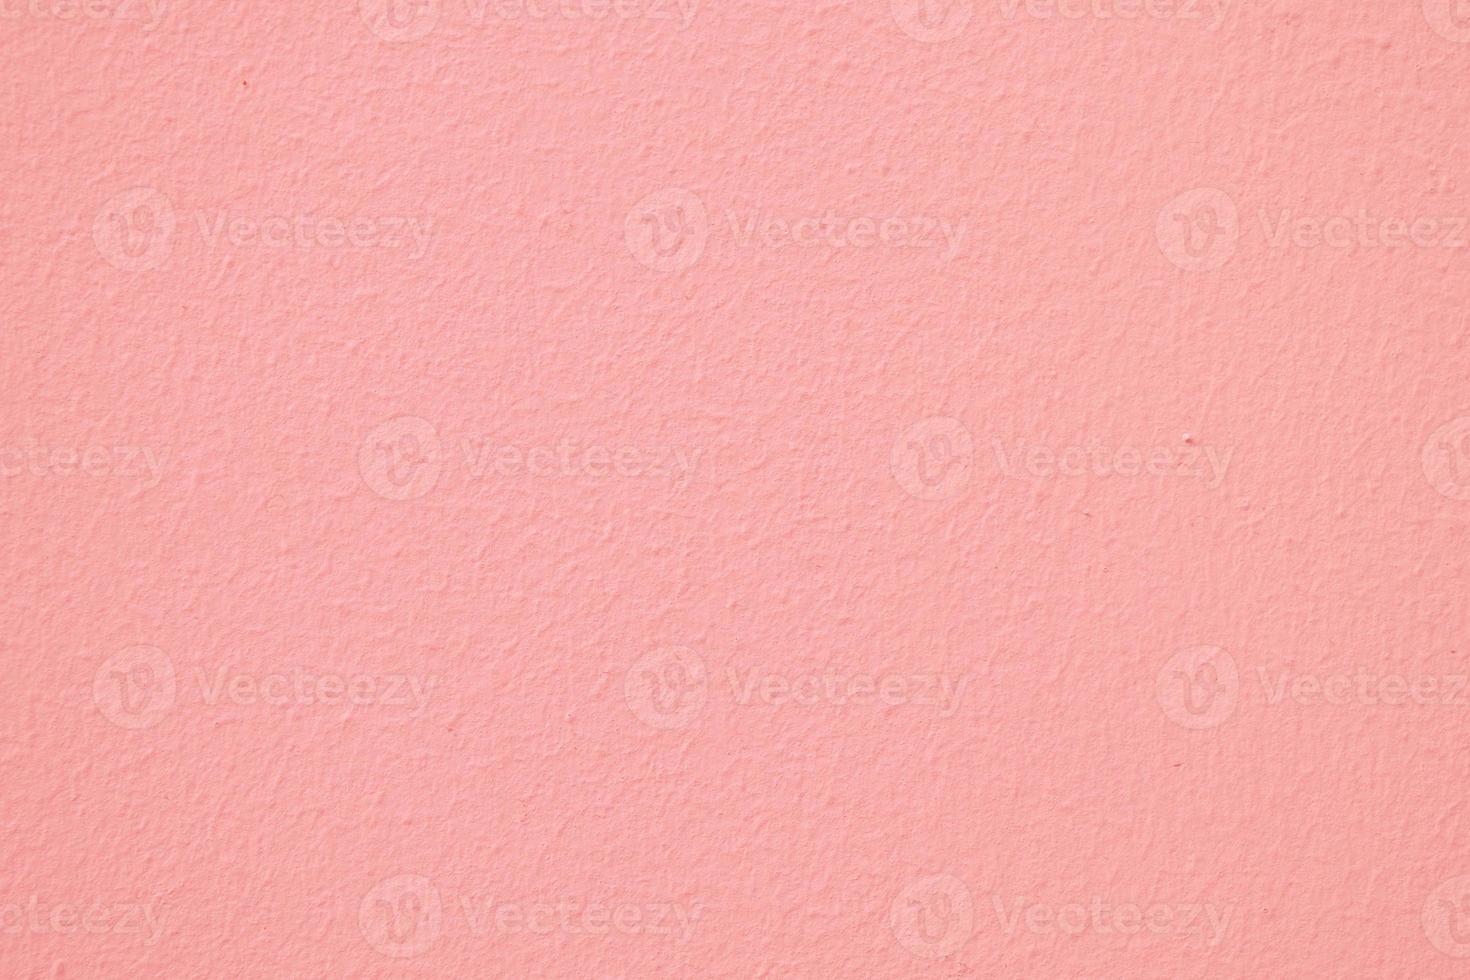 textura de cimento vermelho usada para o fundo foto